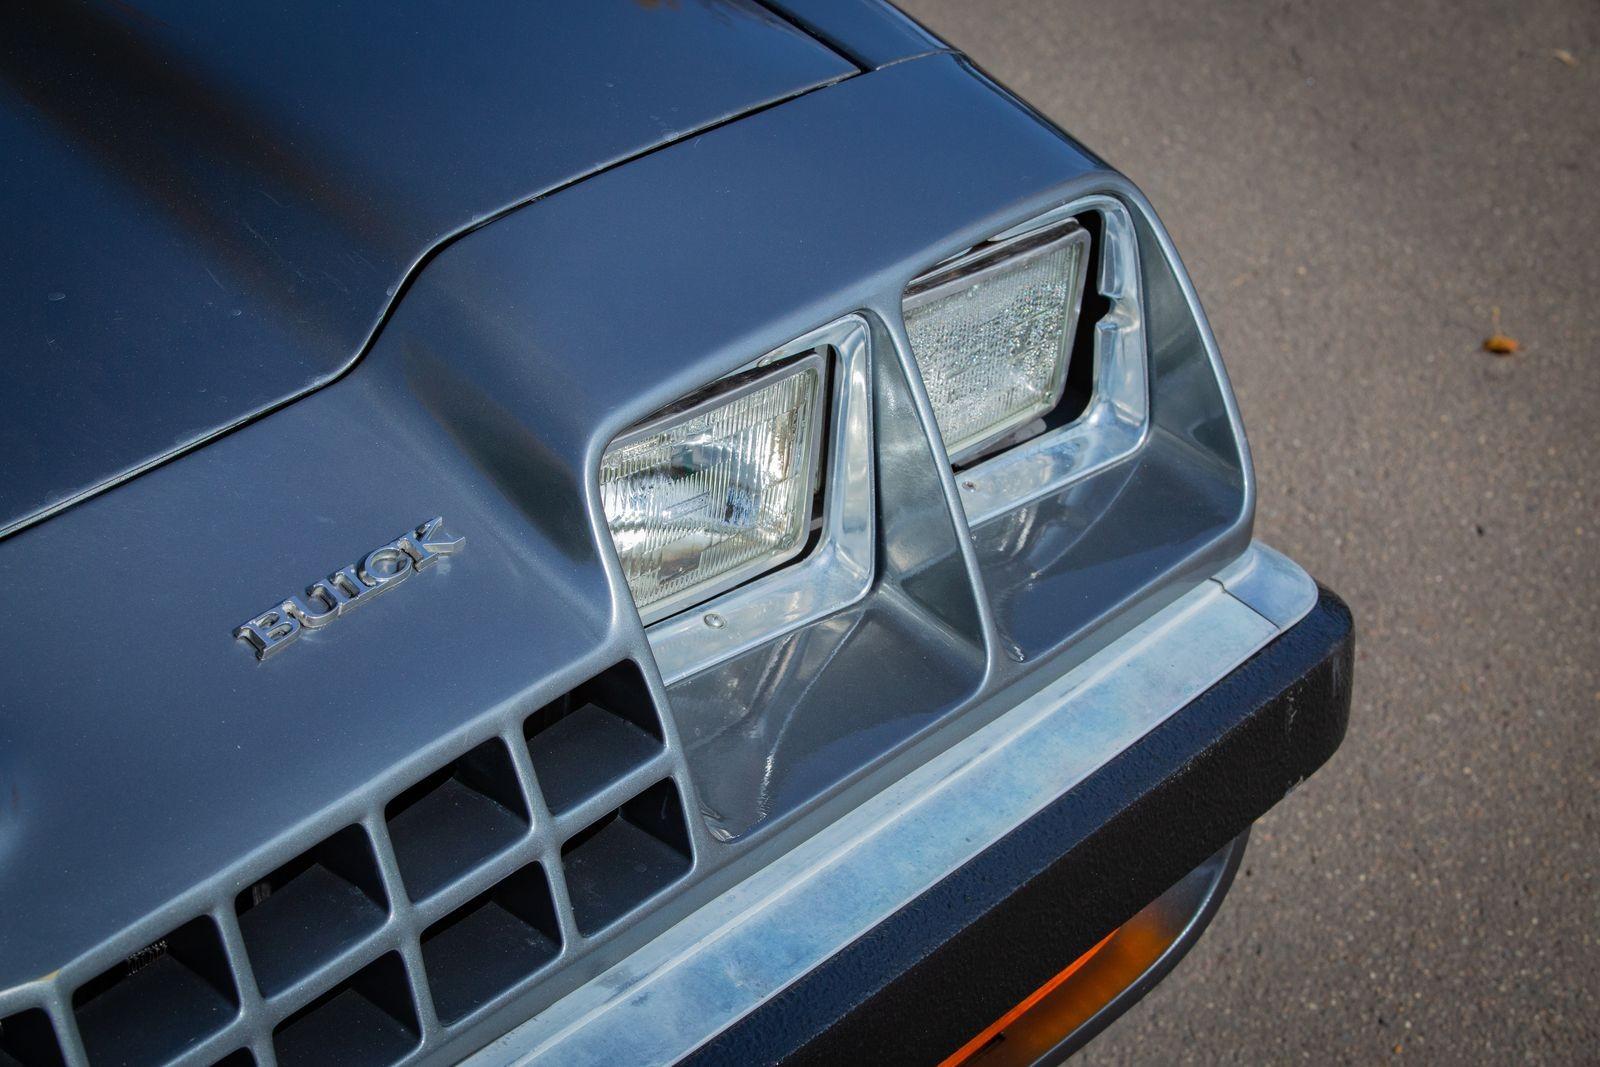 Американский бюджетник из 70-х: опыт владения Buick Skyhawk